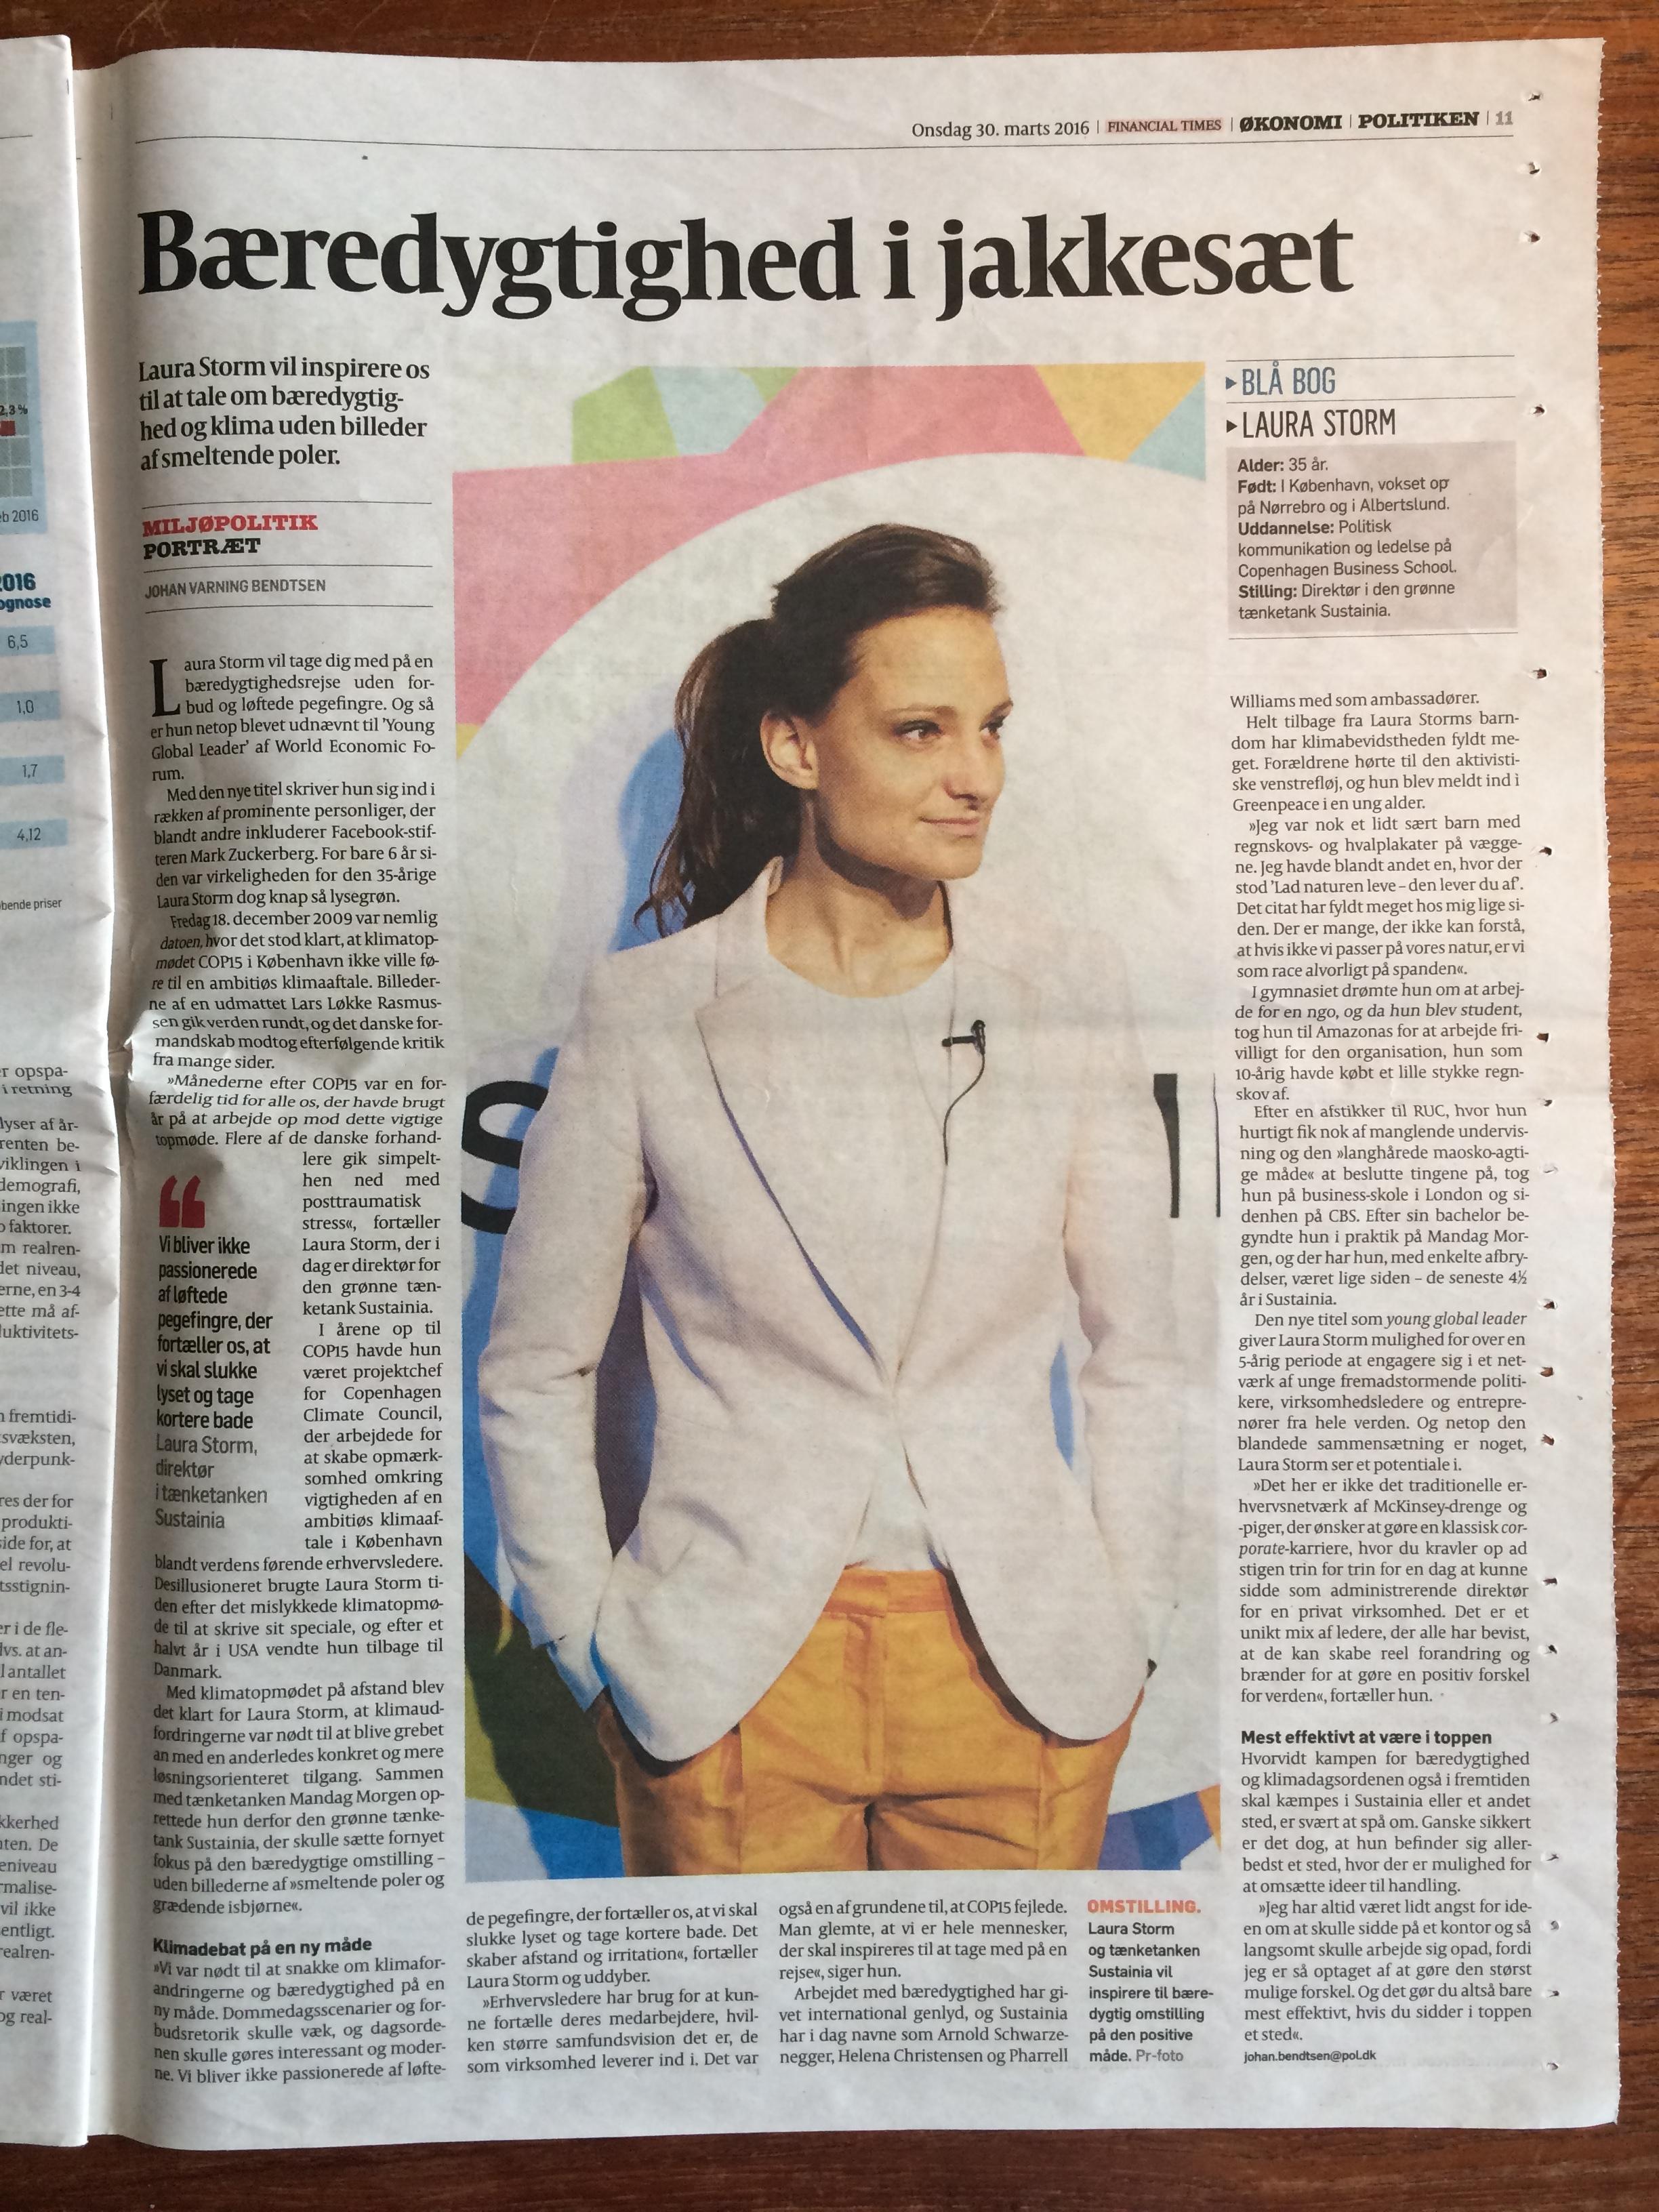 Portrait in Danish Newspaper POLITIKEN, March 30, 2016